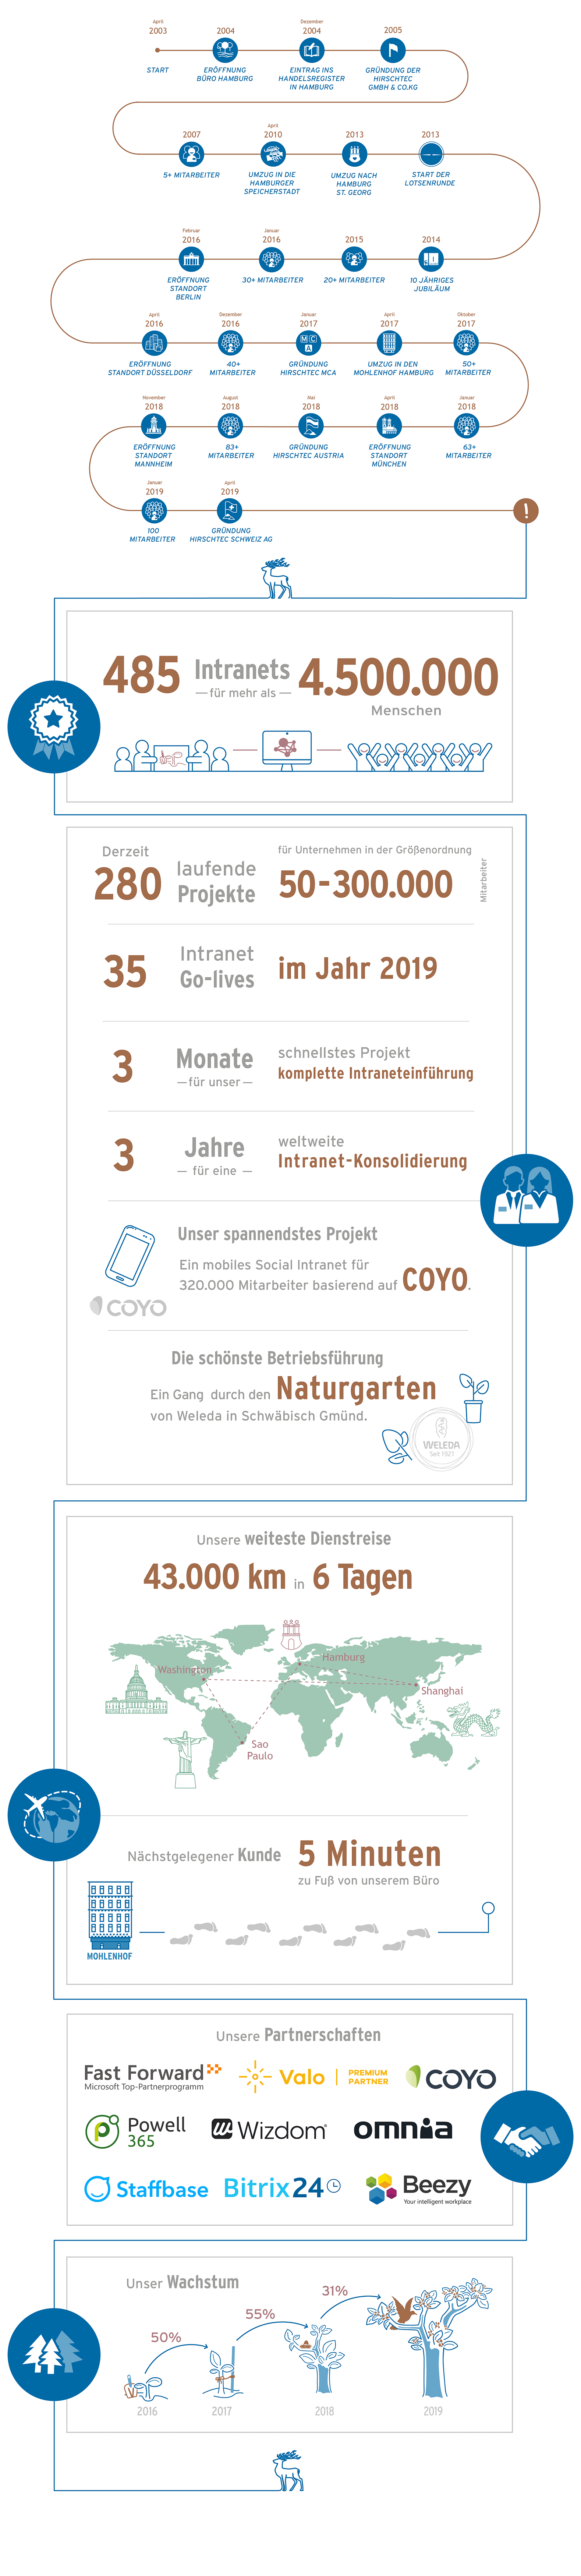 Unternehmensgeschichte-HIRSCHTEC